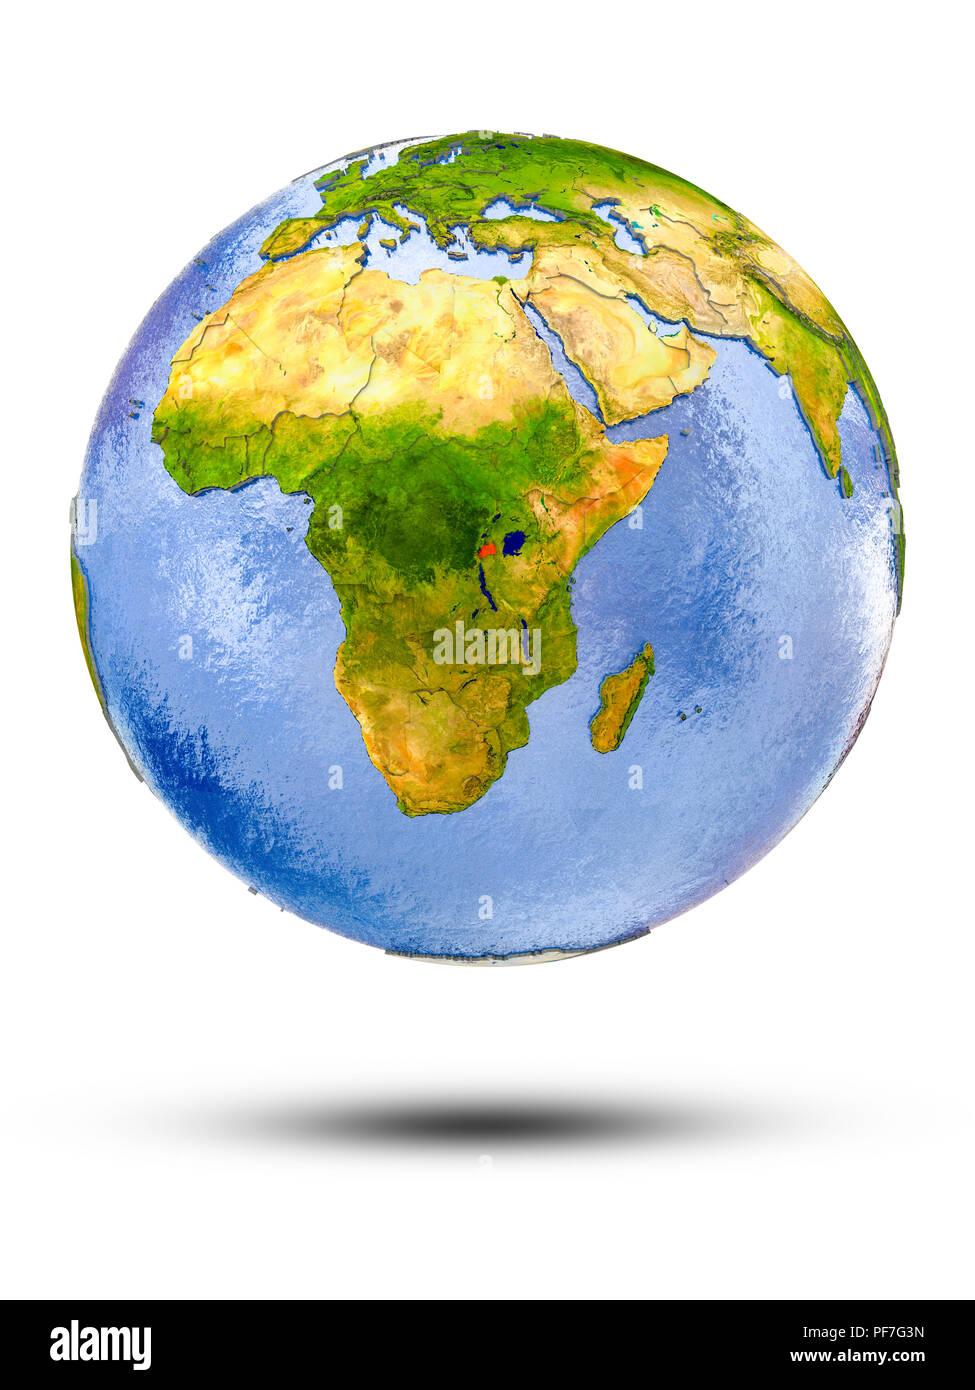 Rwanda on globe with shadow isolated on white background. 3D illustration. - Stock Image